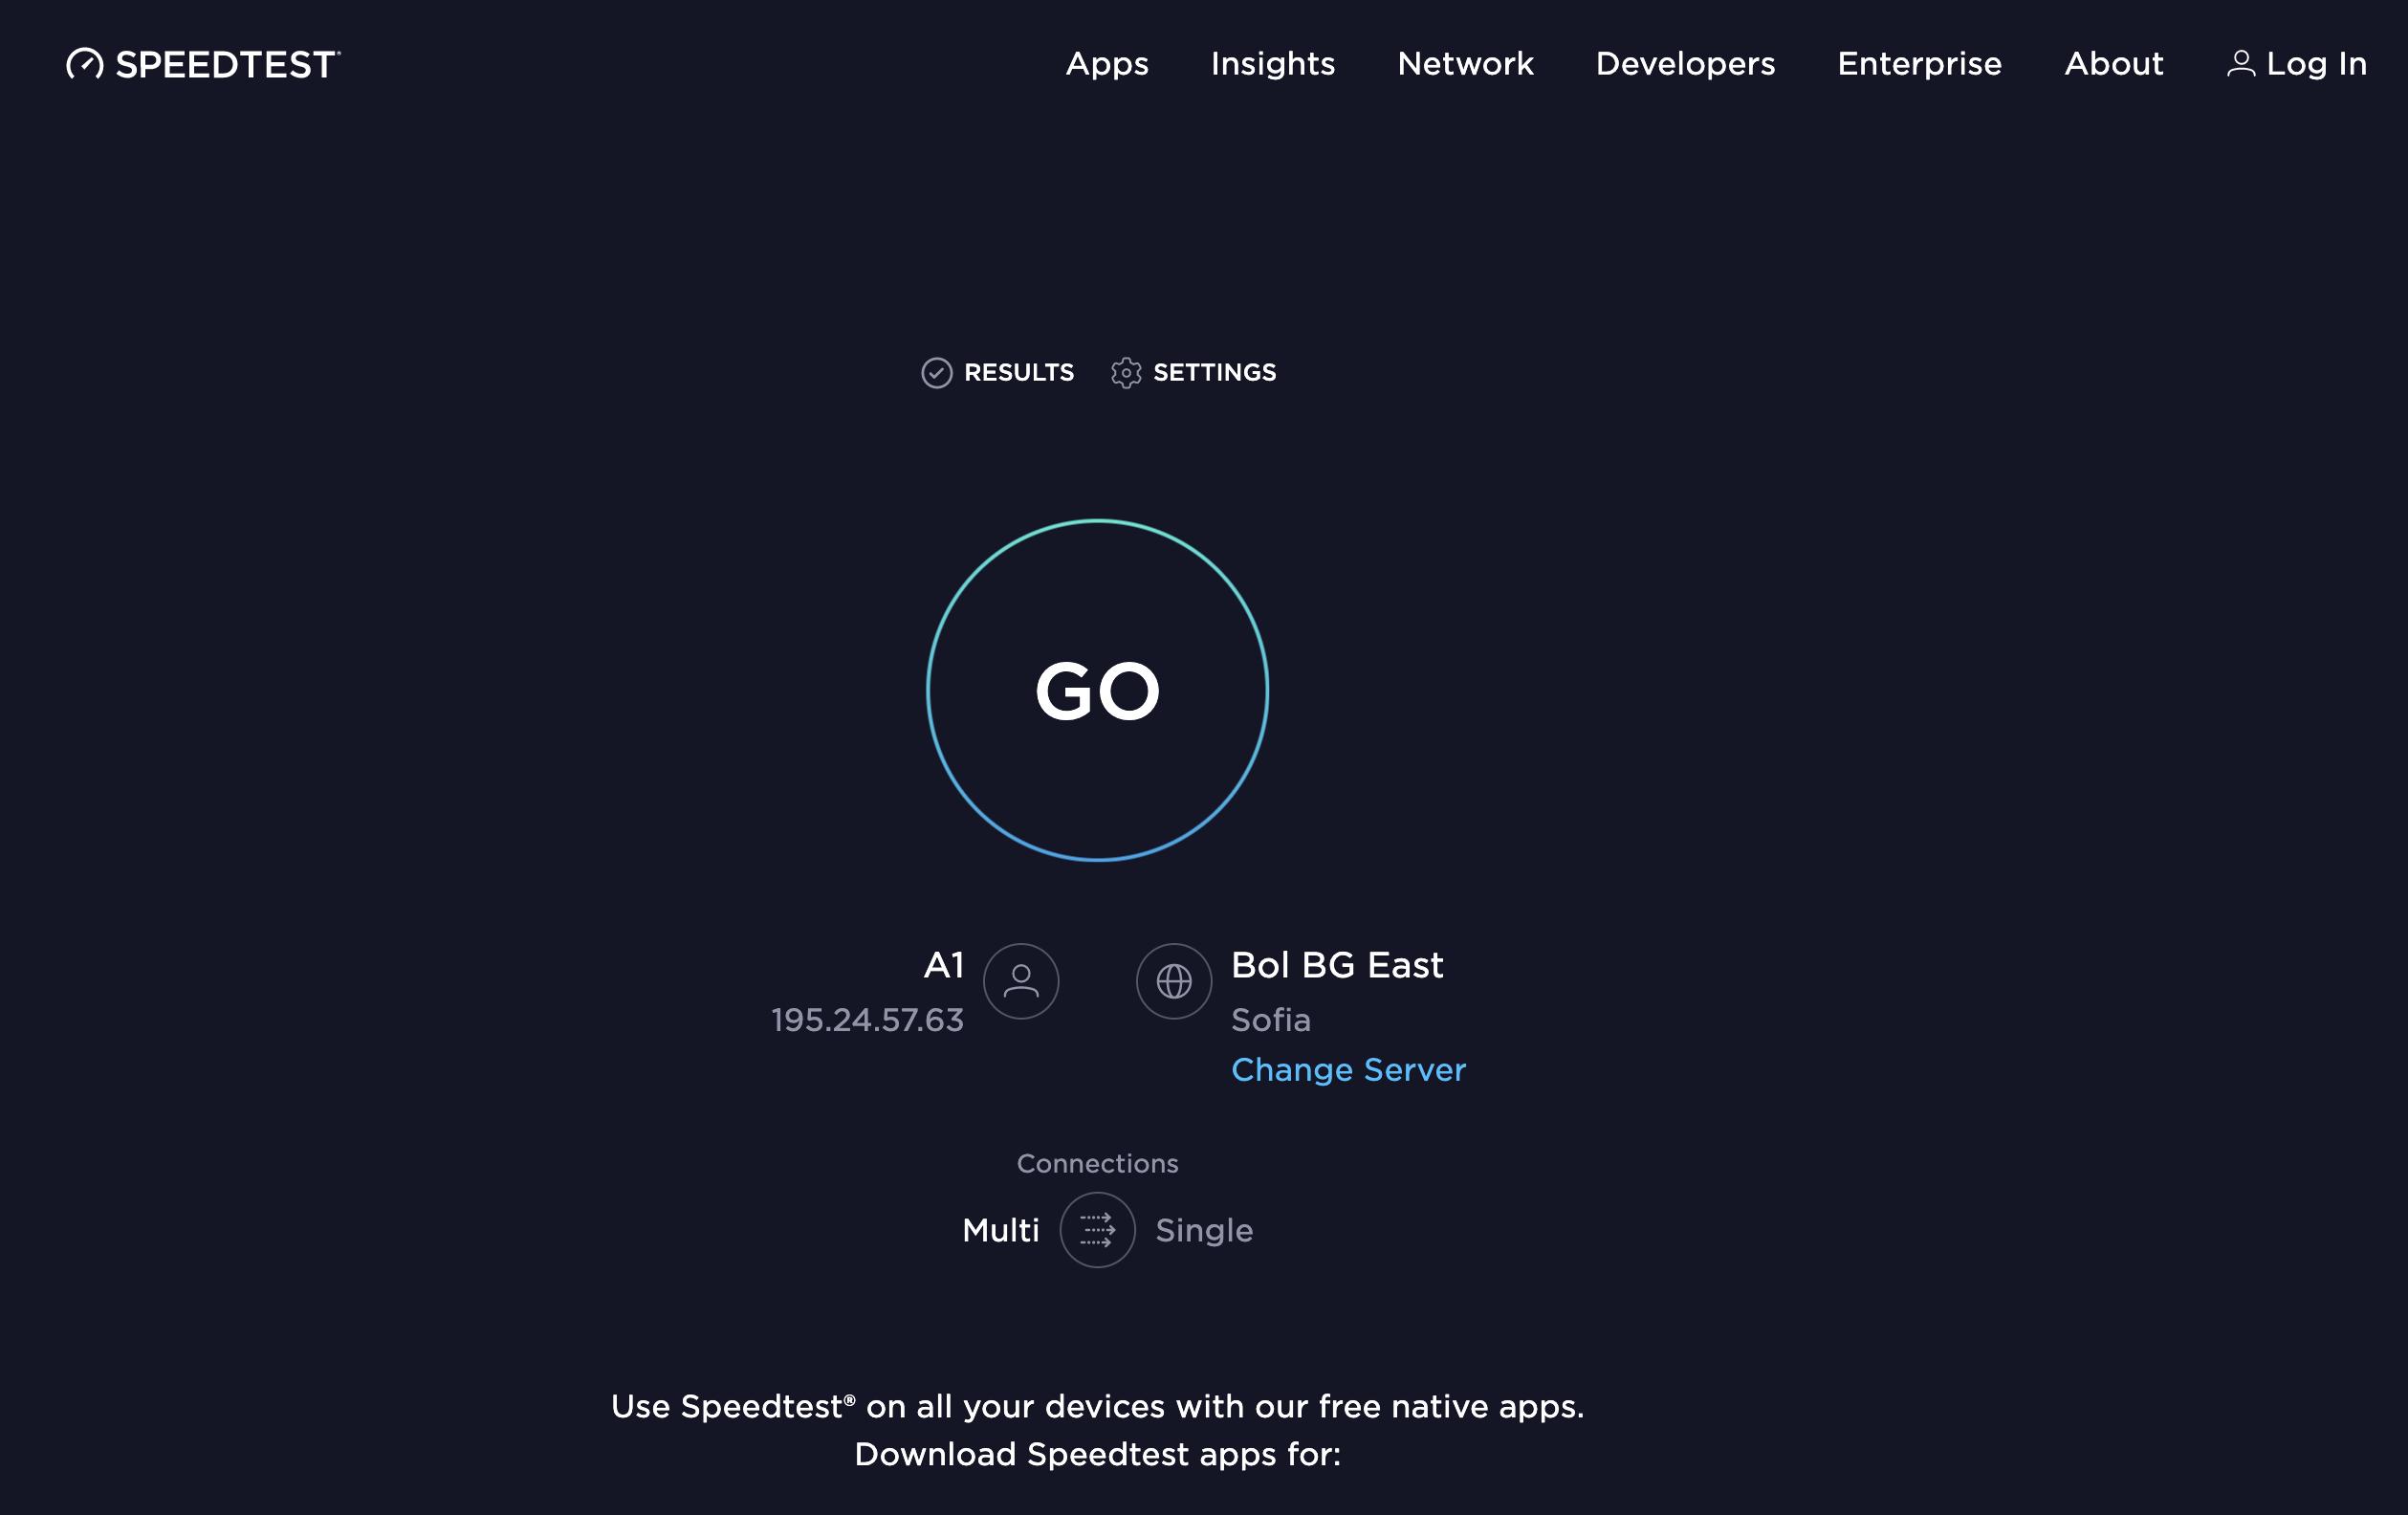 как проверить скорость интернета на телефоне теле2 - speedtest